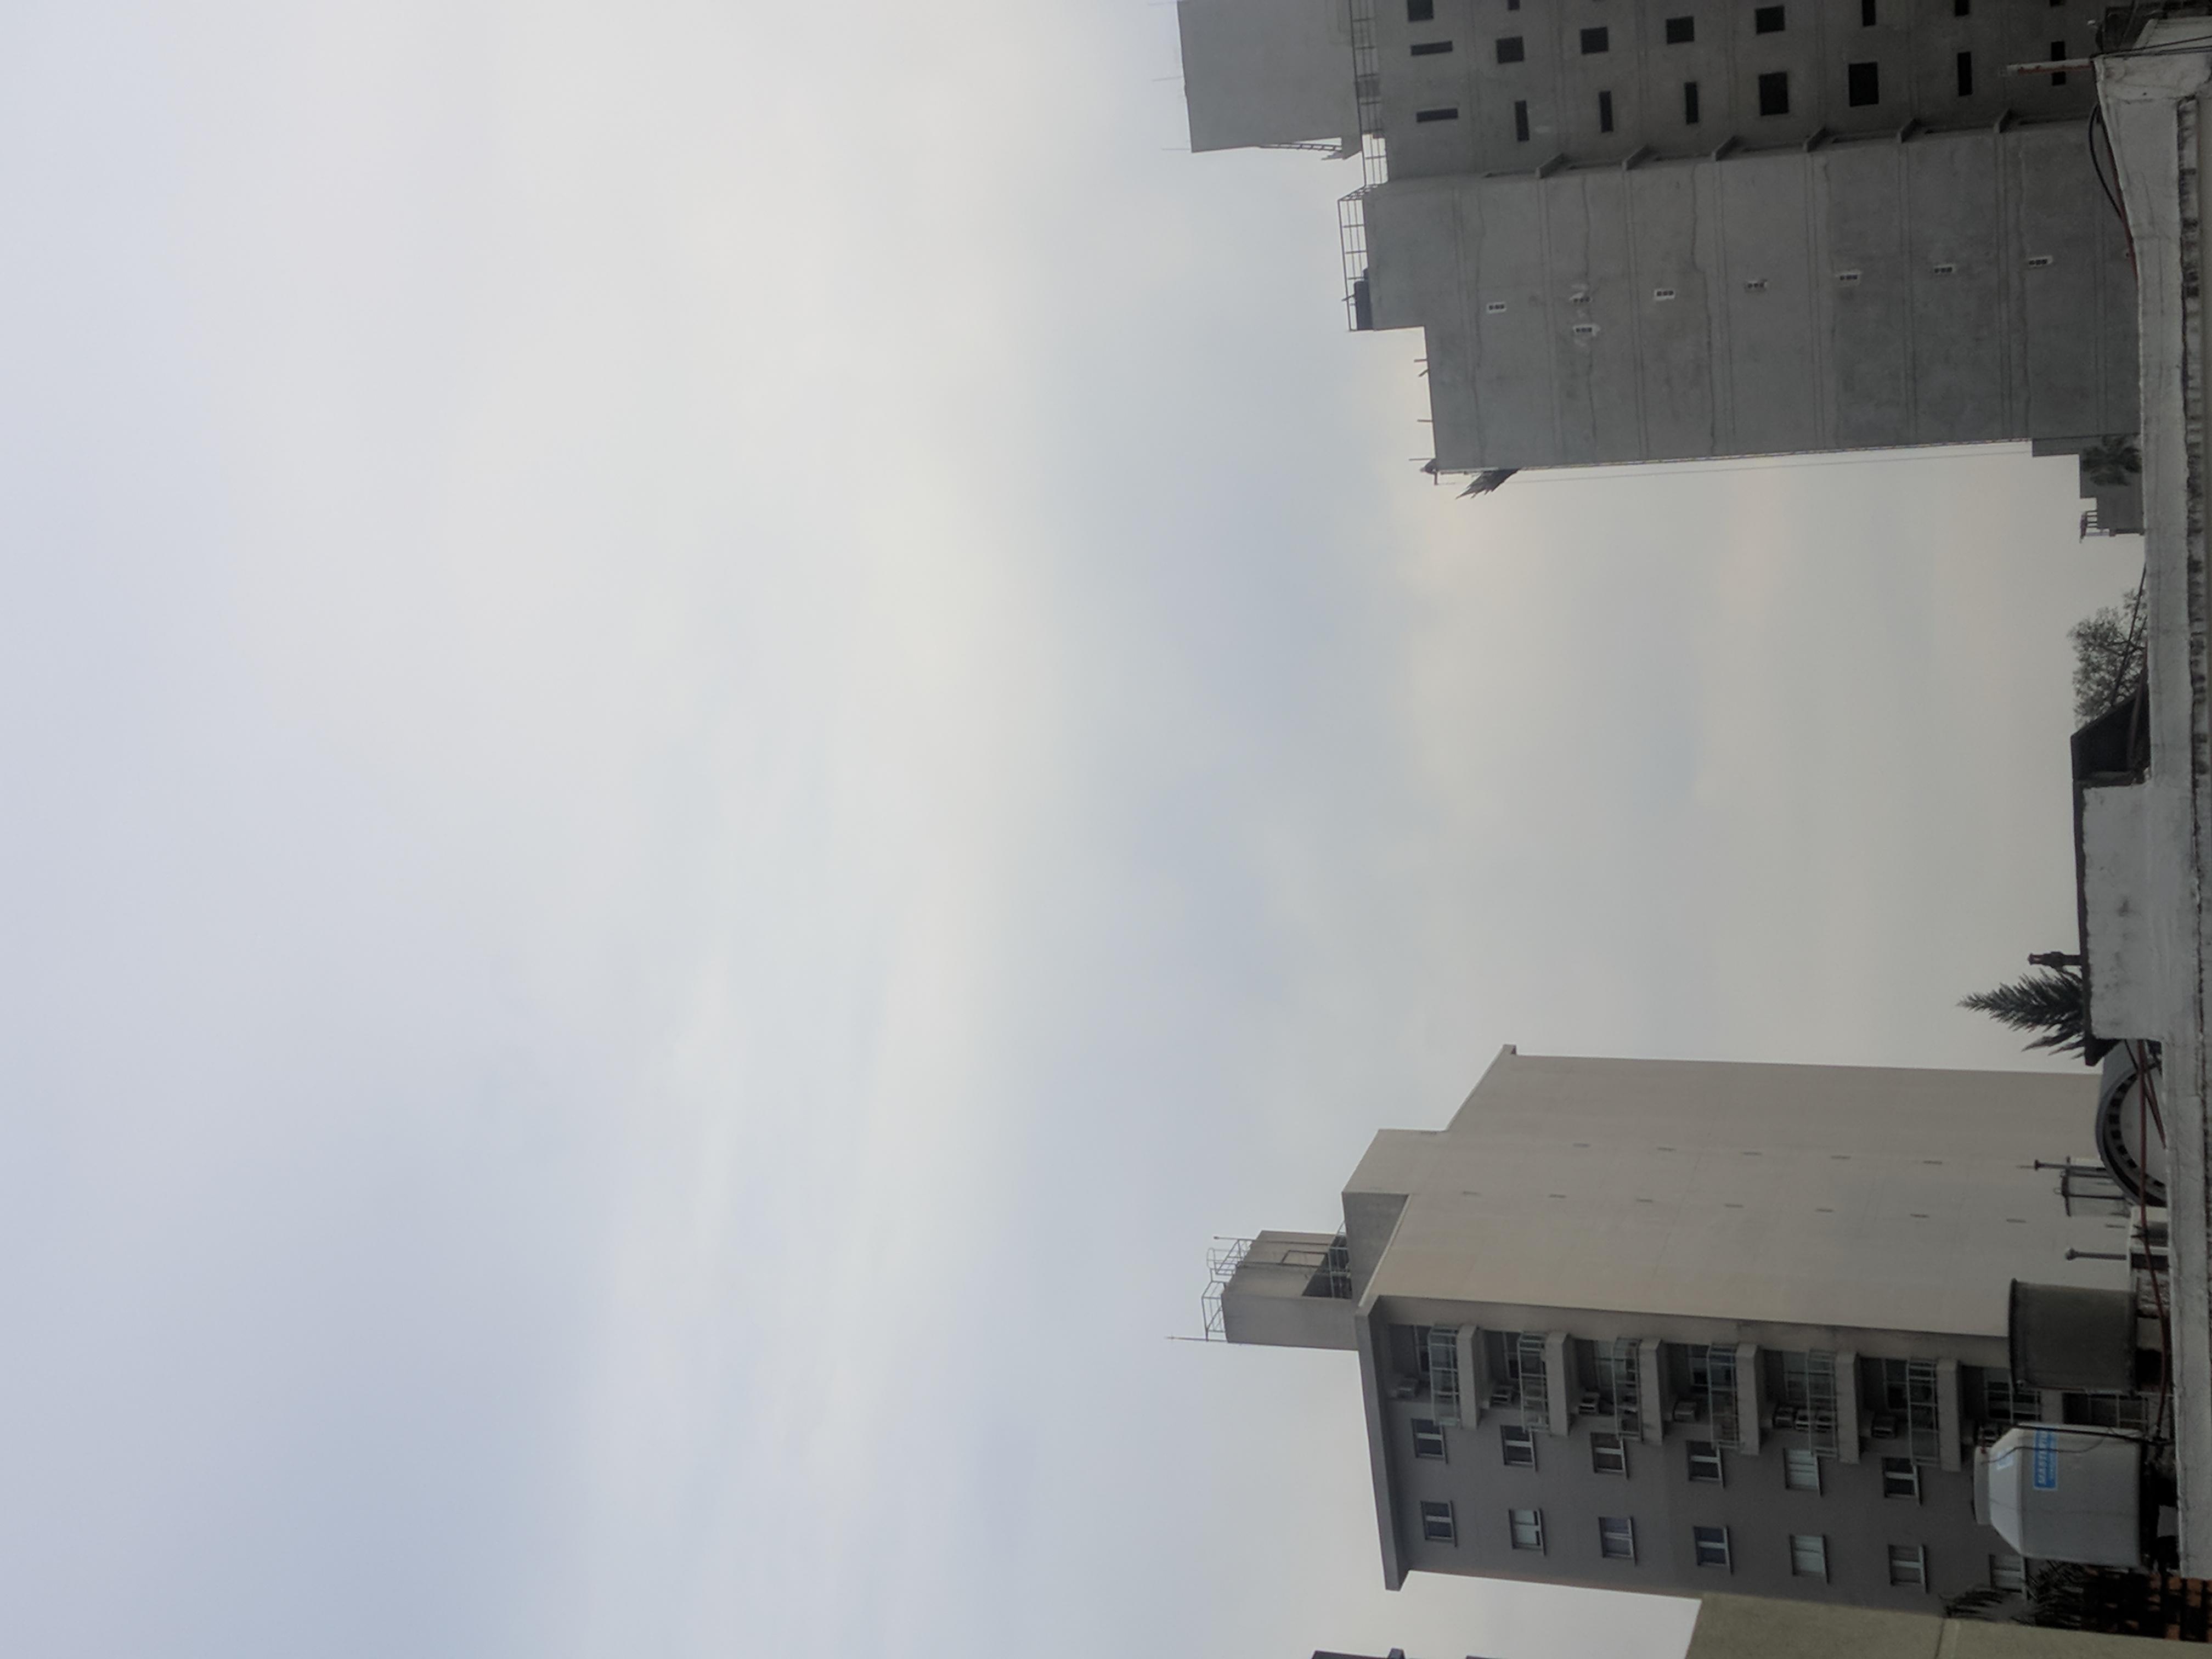 Bajó la temperatura: jueves gris, nublado y con vientos del sector sur